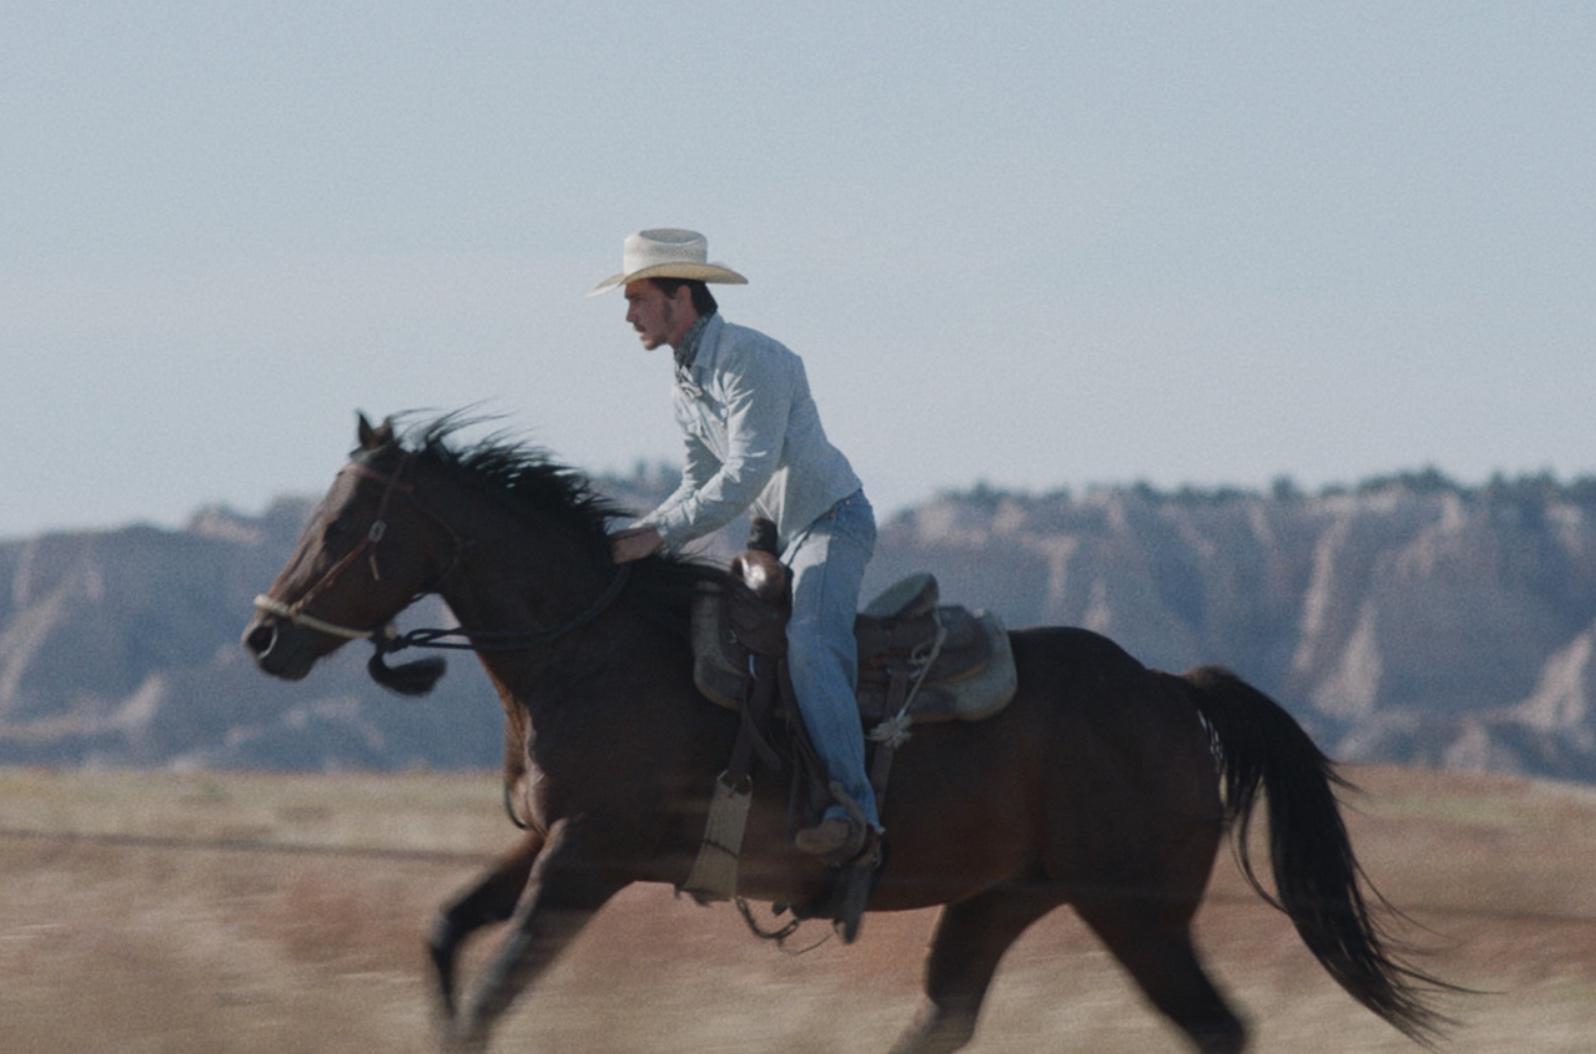 Western Myth Rider Brady Jandreau